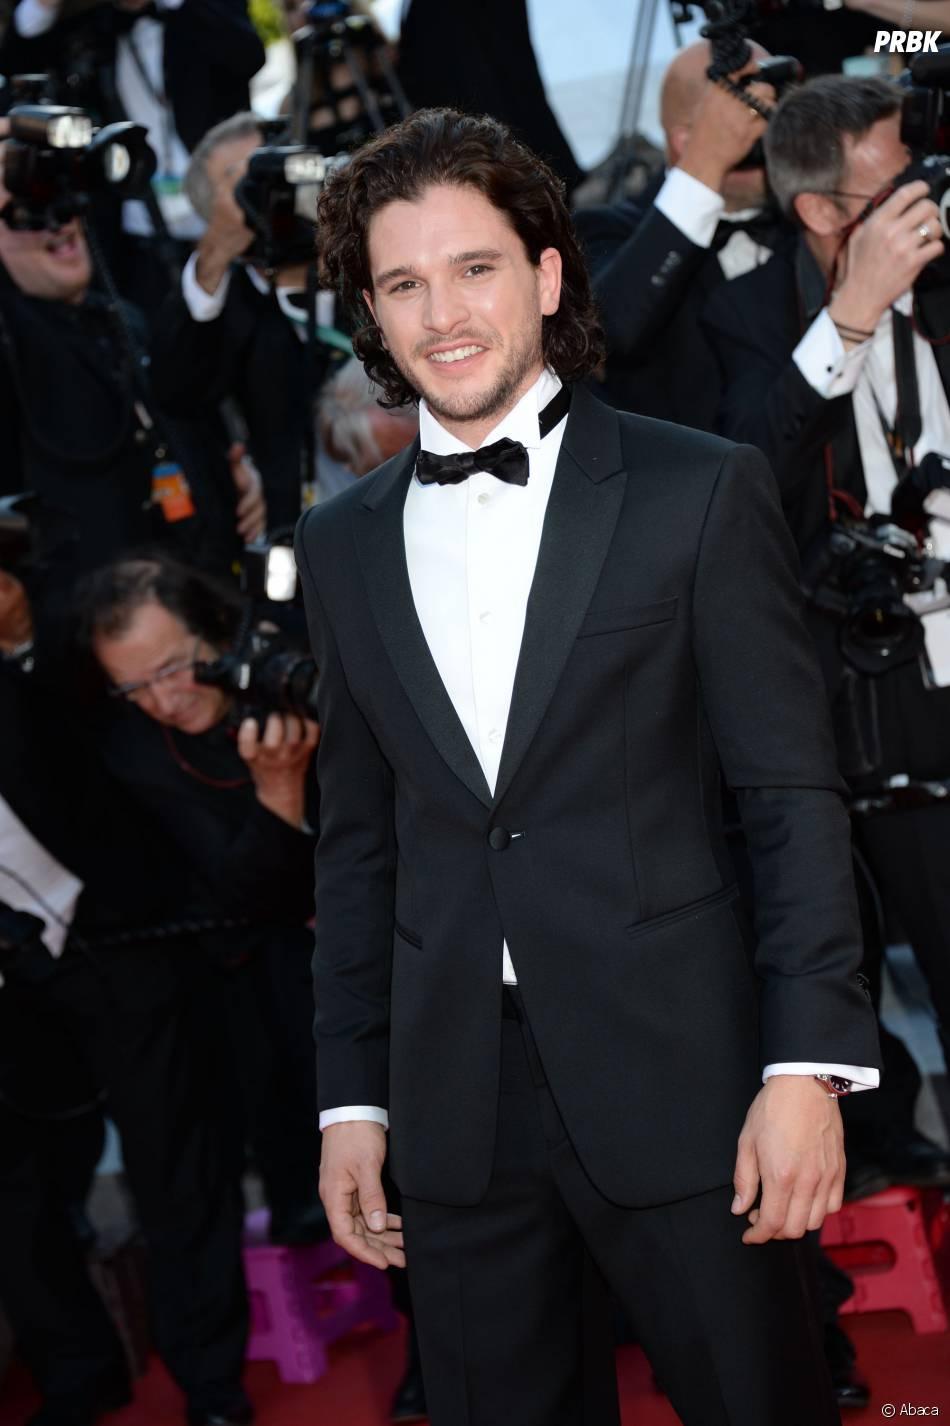 Kit Harington sur le tapis rouge du Festival de Cannes 2014, le vendredi 16 mai